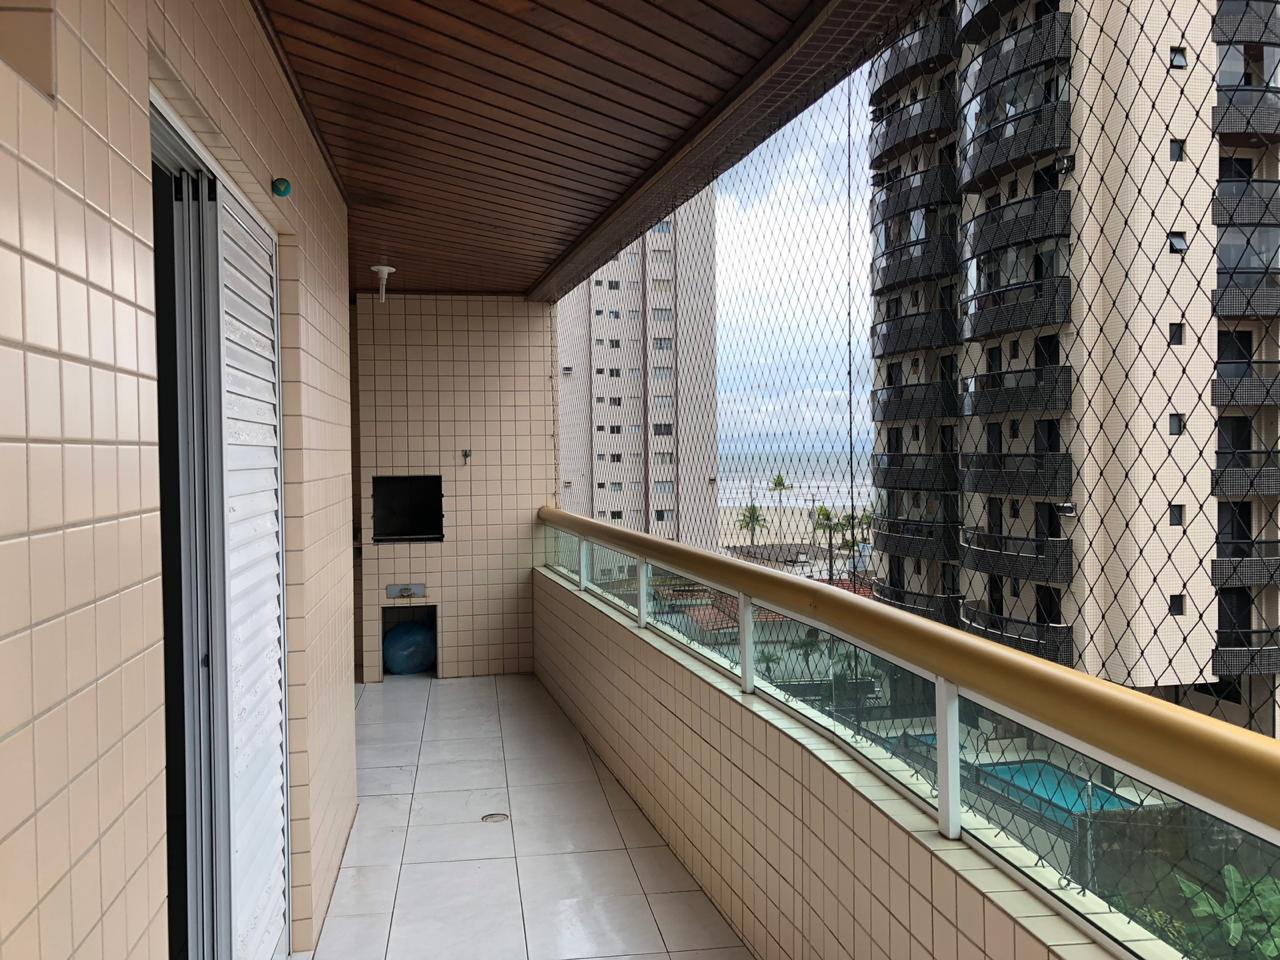 Apartamento com 2 dormitórios para alugar, 80 m² por R$ 1.700/mês - Vila Guilhermina - Praia Grande/SP